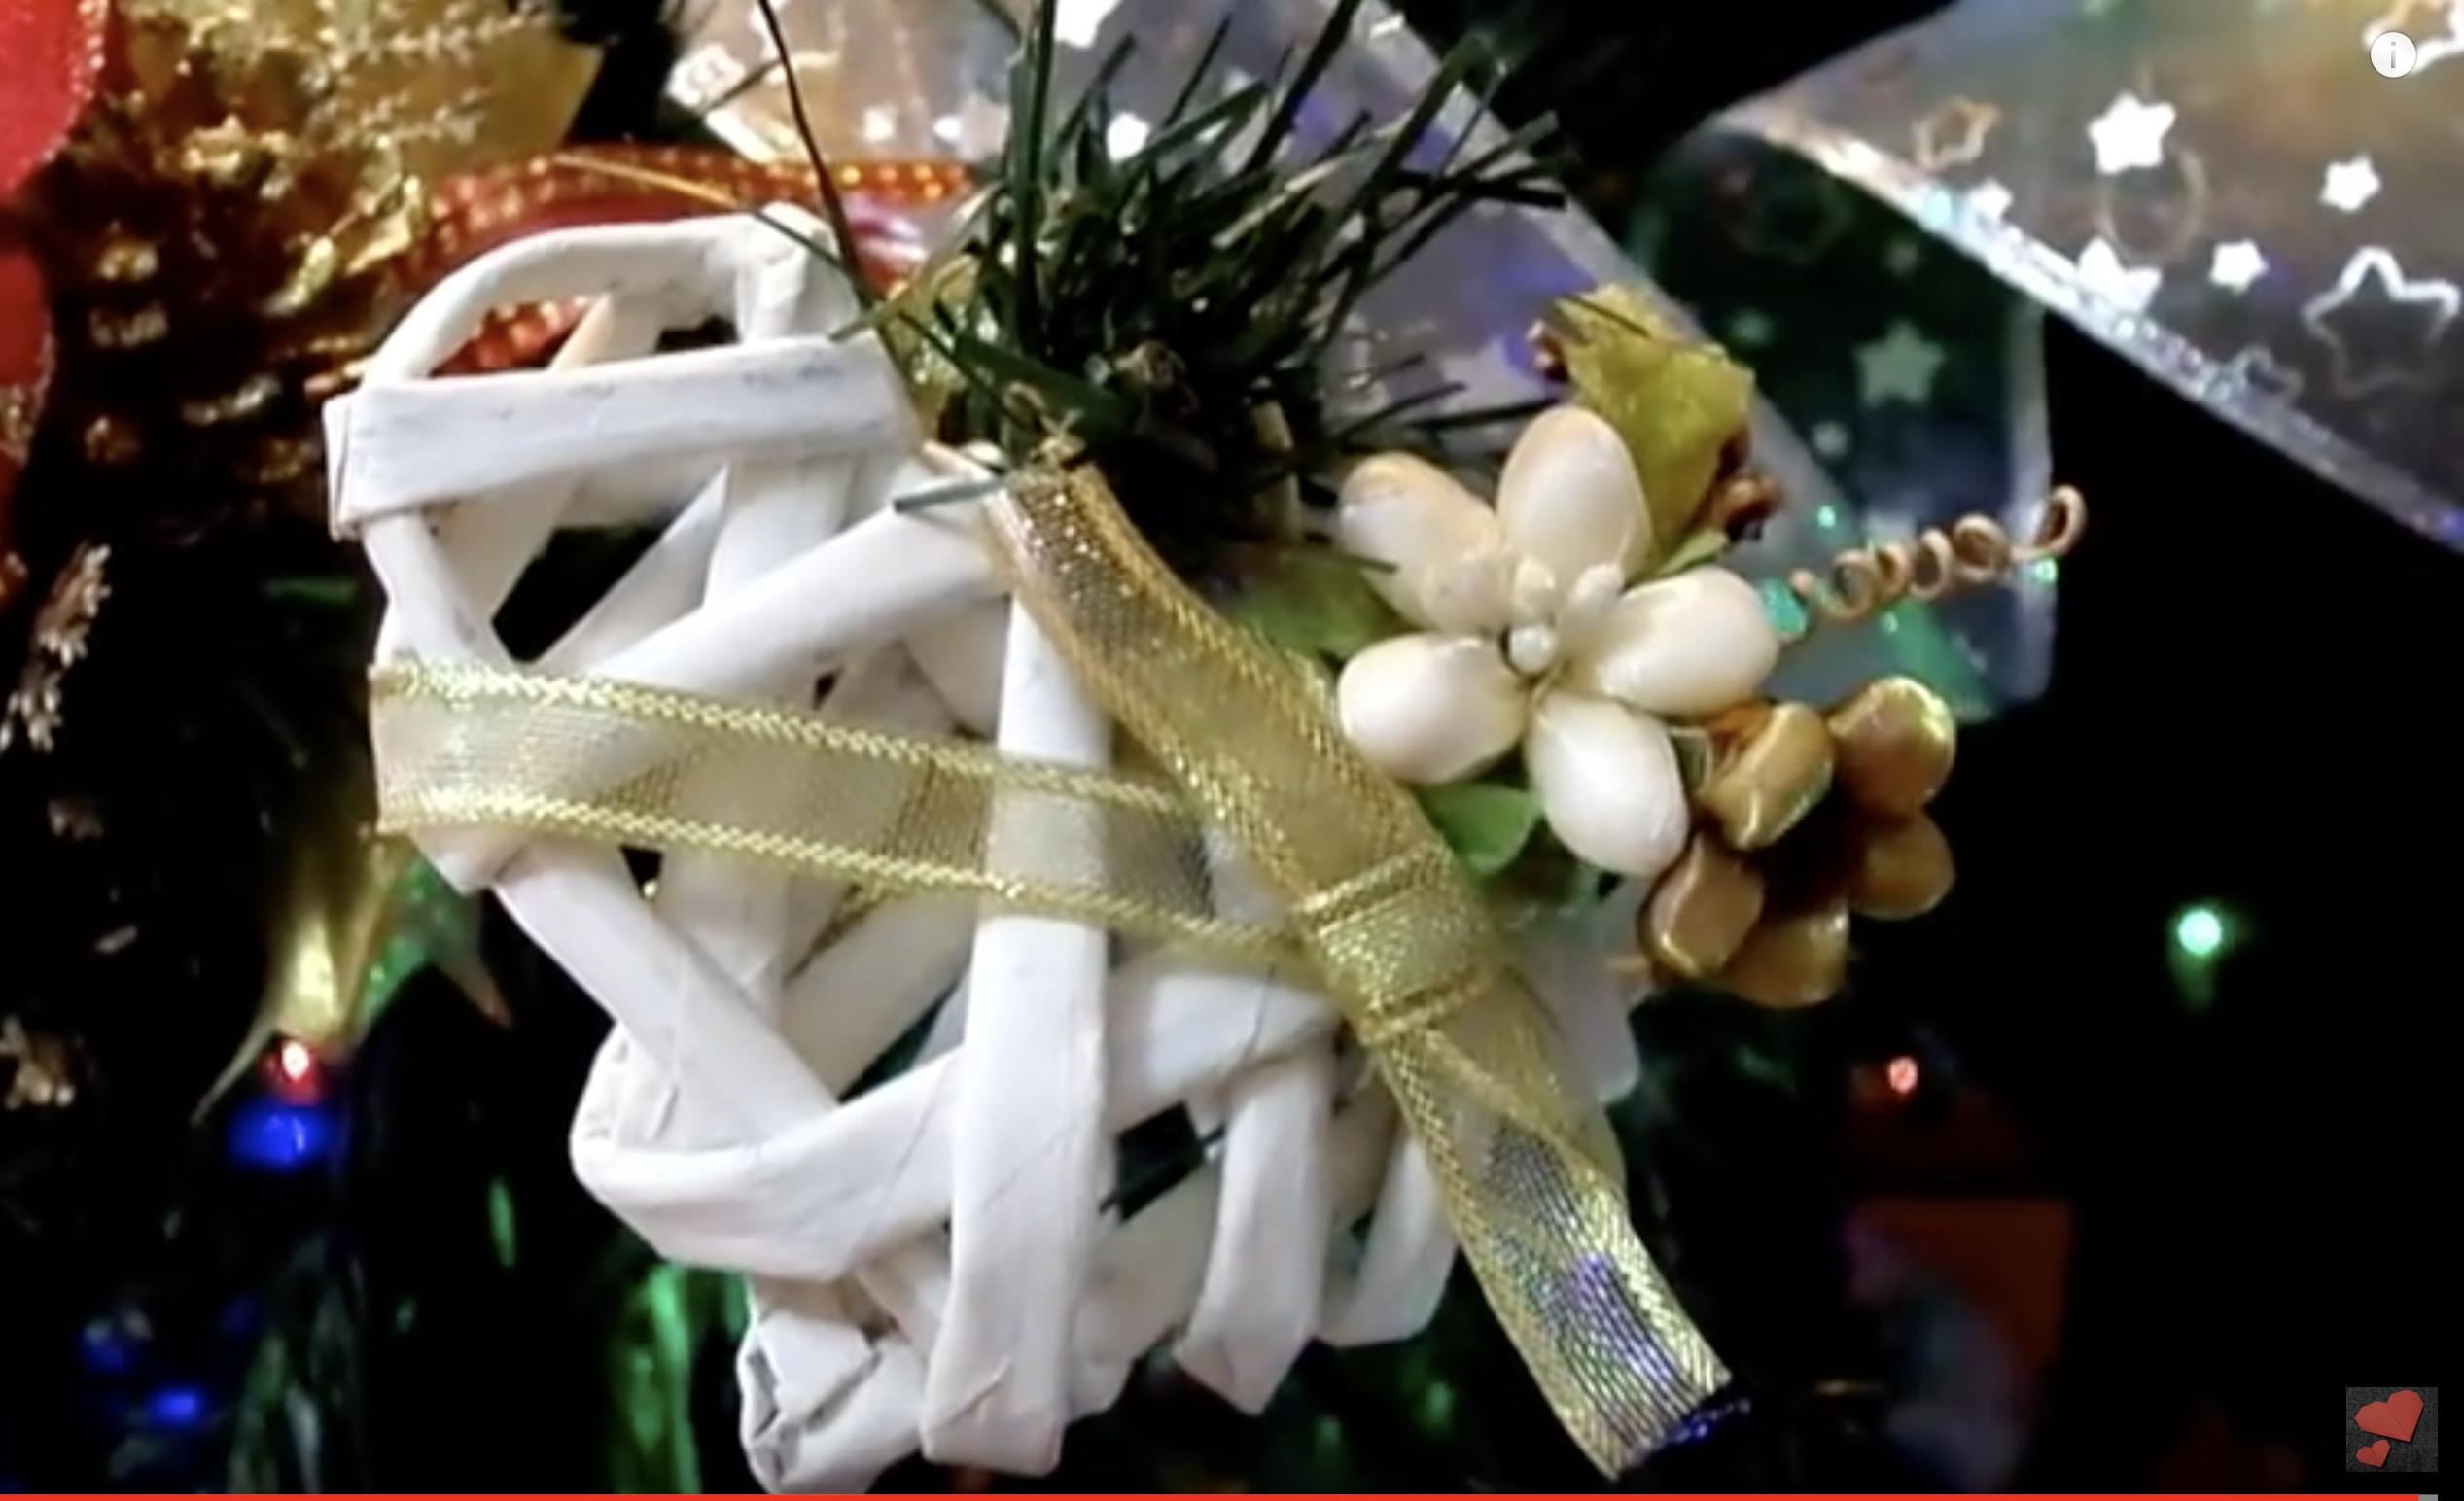 Albero Di Natale Con Cannucce Di Carta.Addobbi Fai Da Te Decorazioni Natalizie Con Materiali Semplici